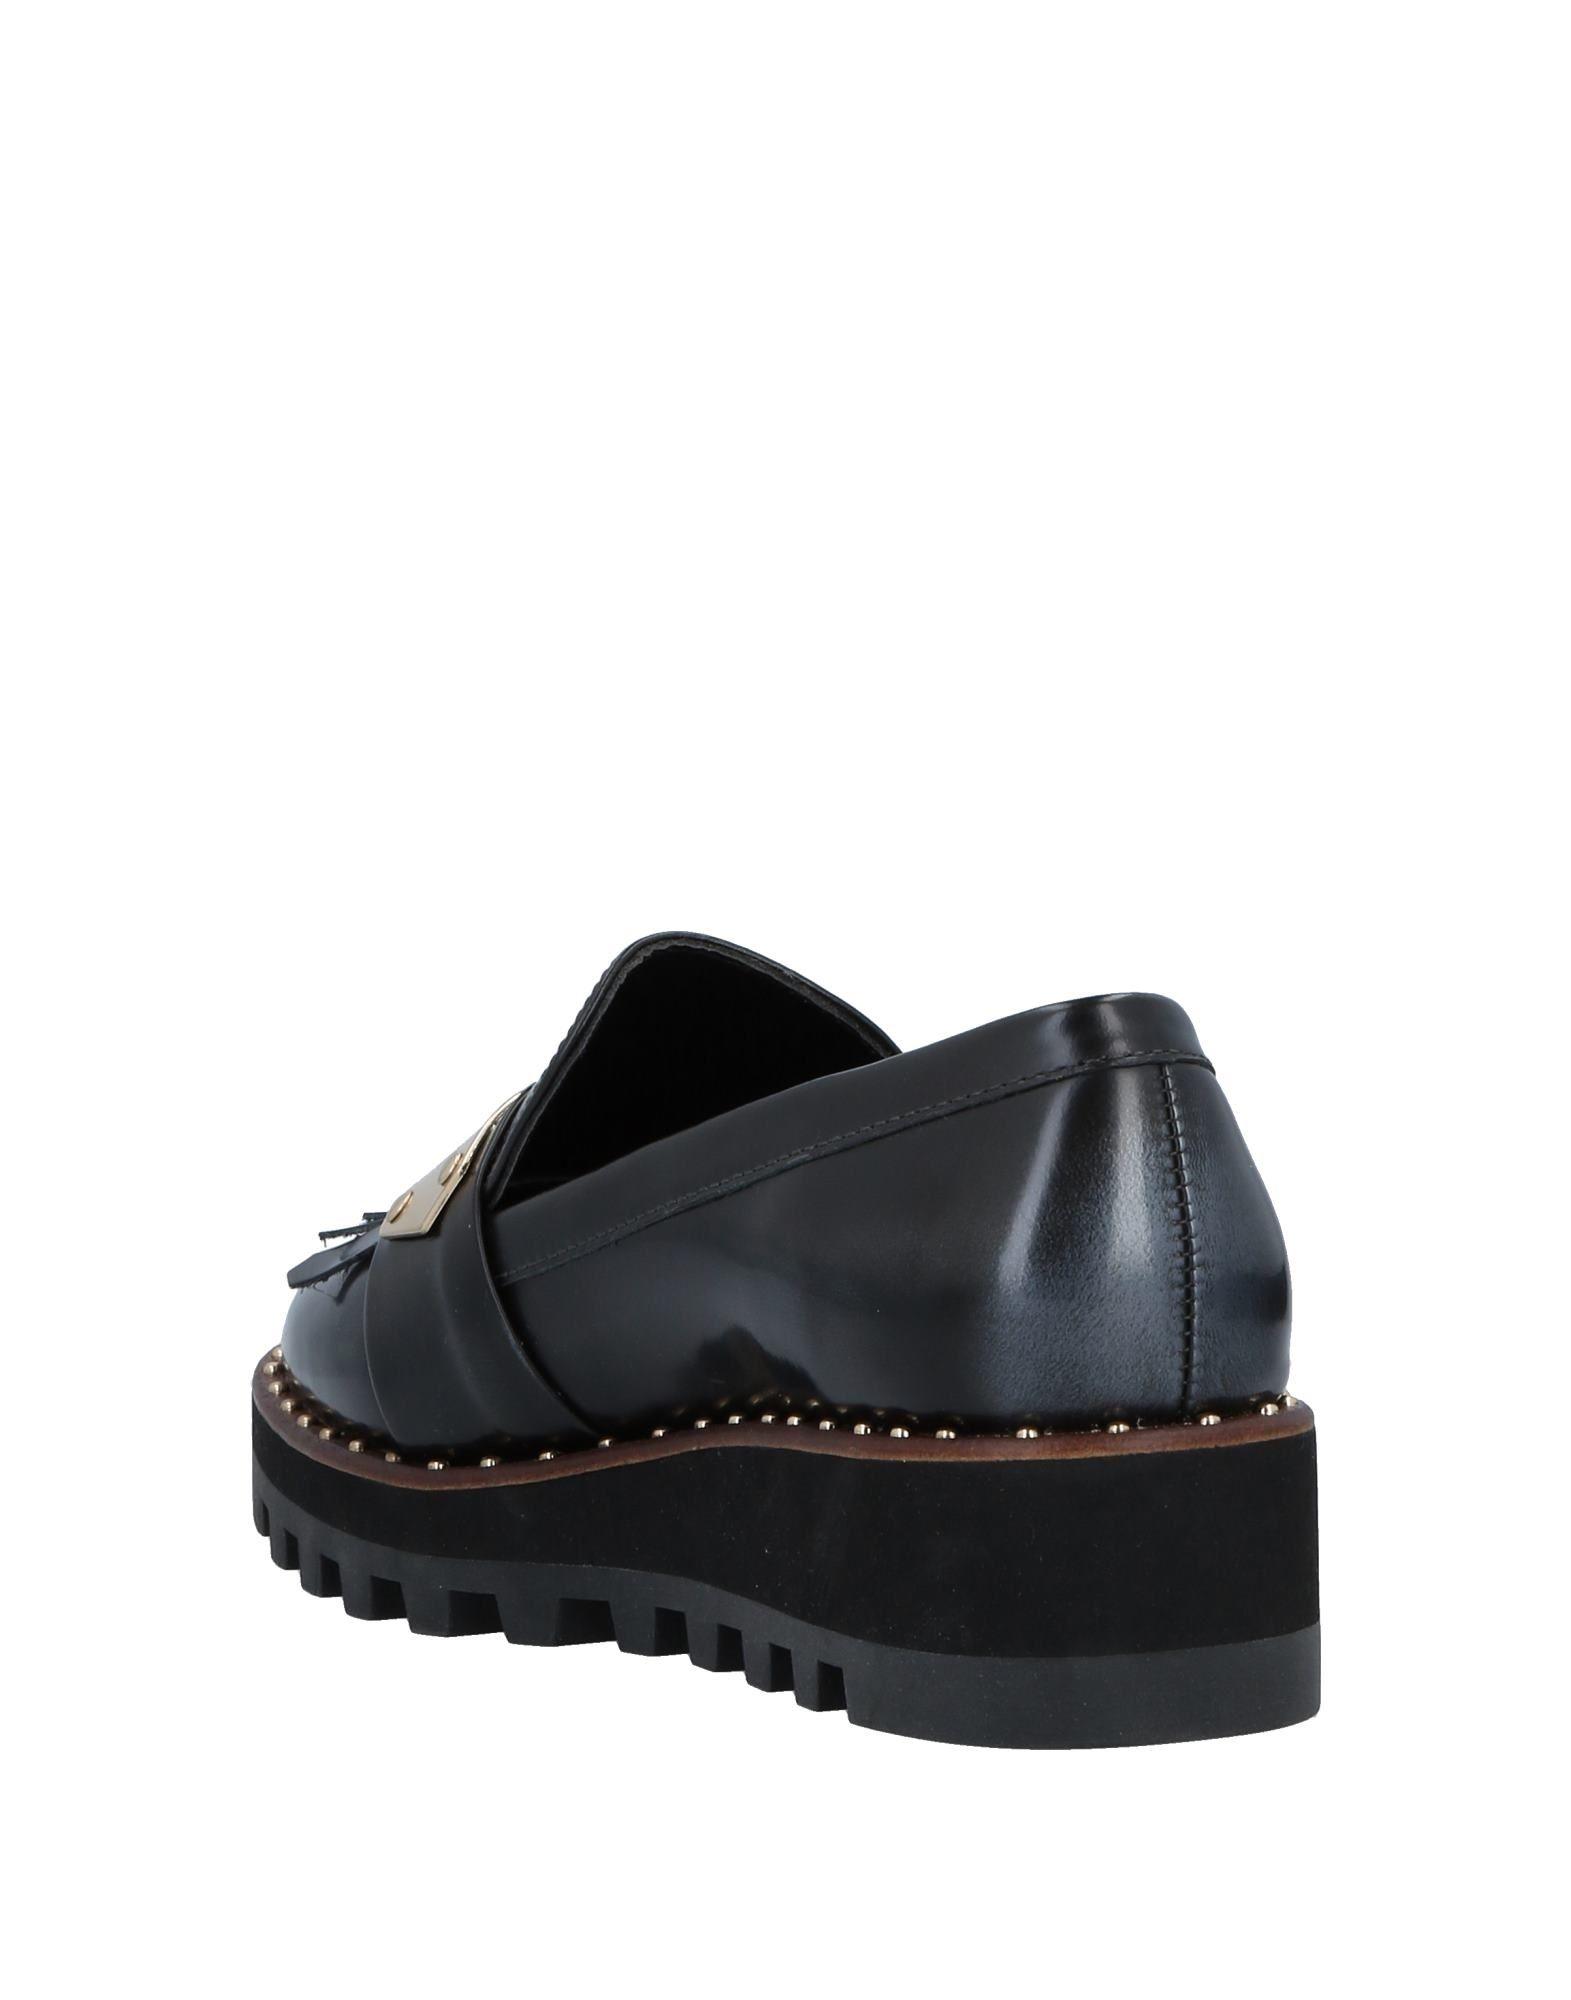 Liu •Jo Mokassins Damen beliebte  11514758DJ Gute Qualität beliebte Damen Schuhe 8b6bf0